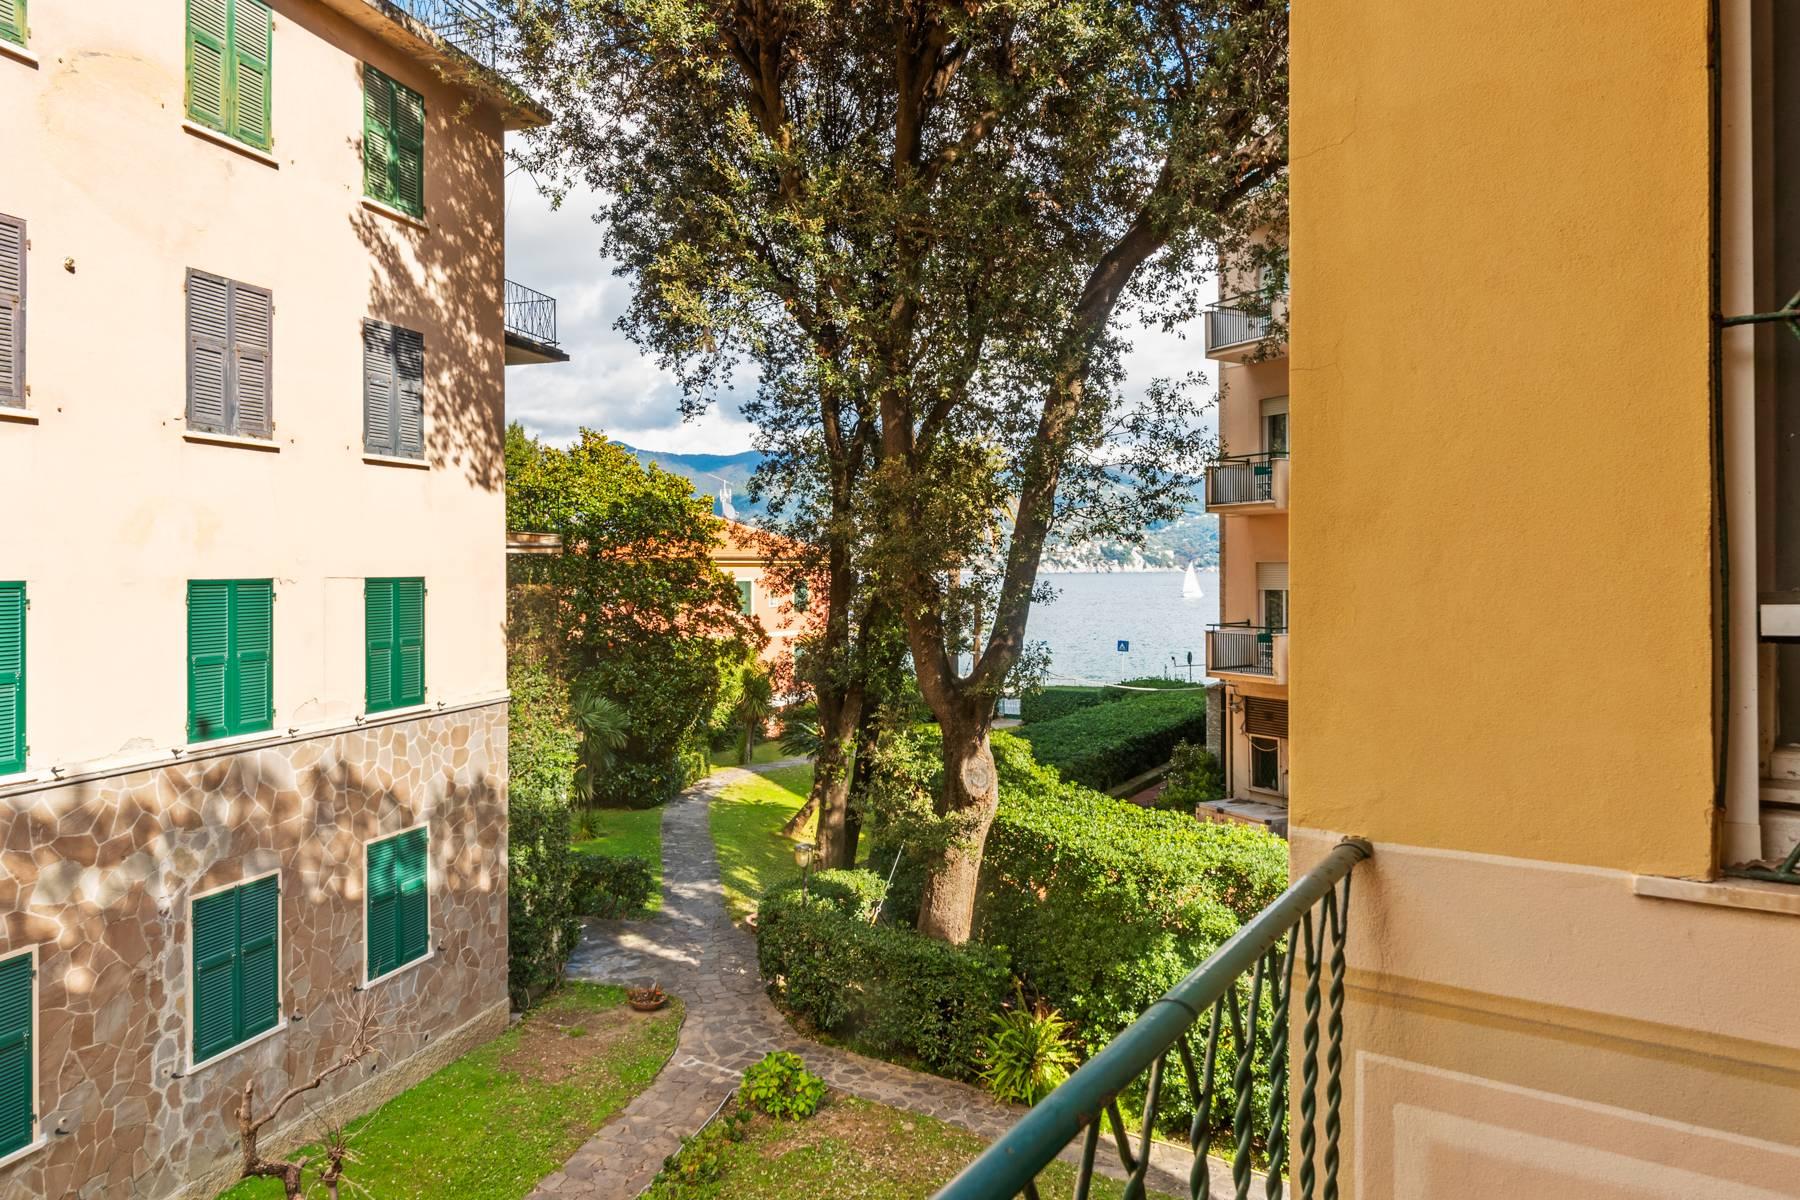 Appartamento in Vendita a Santa Margherita Ligure: 5 locali, 120 mq - Foto 12